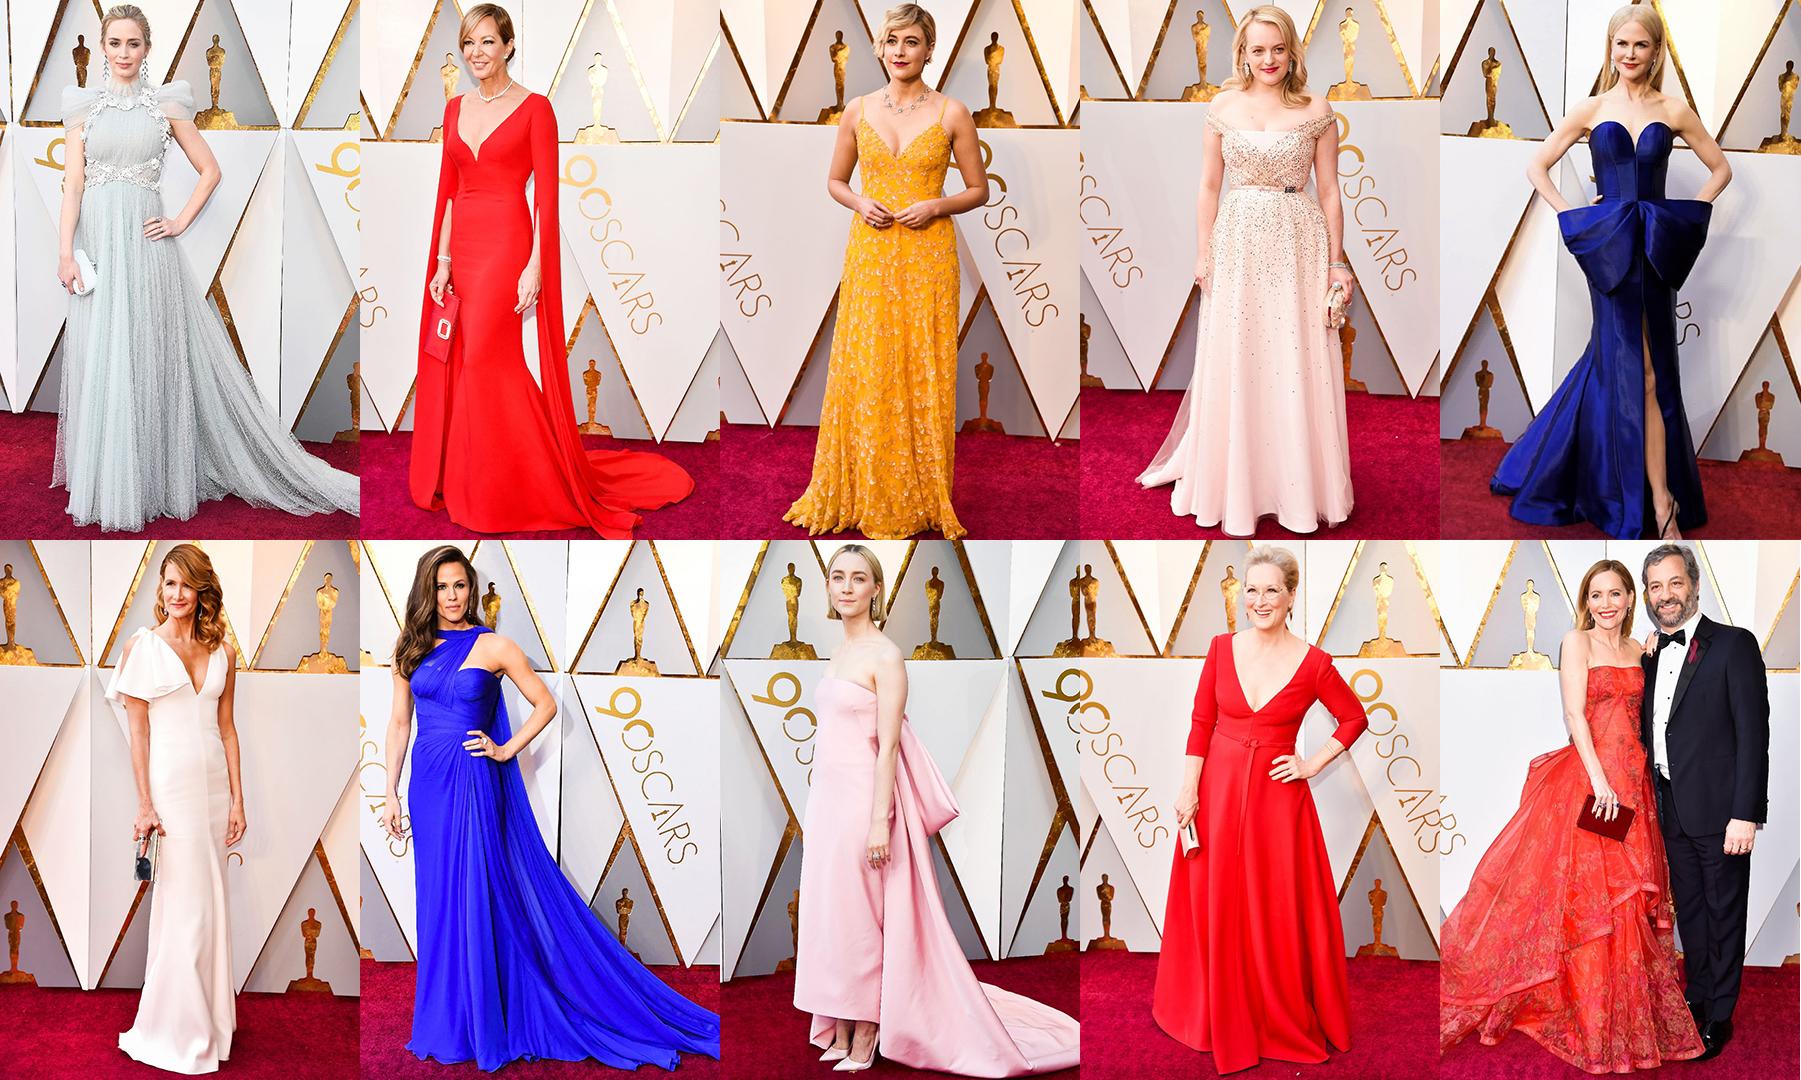 f291b1cd44e24 Les plus belles robes des Oscars 2018 — Mode and The City